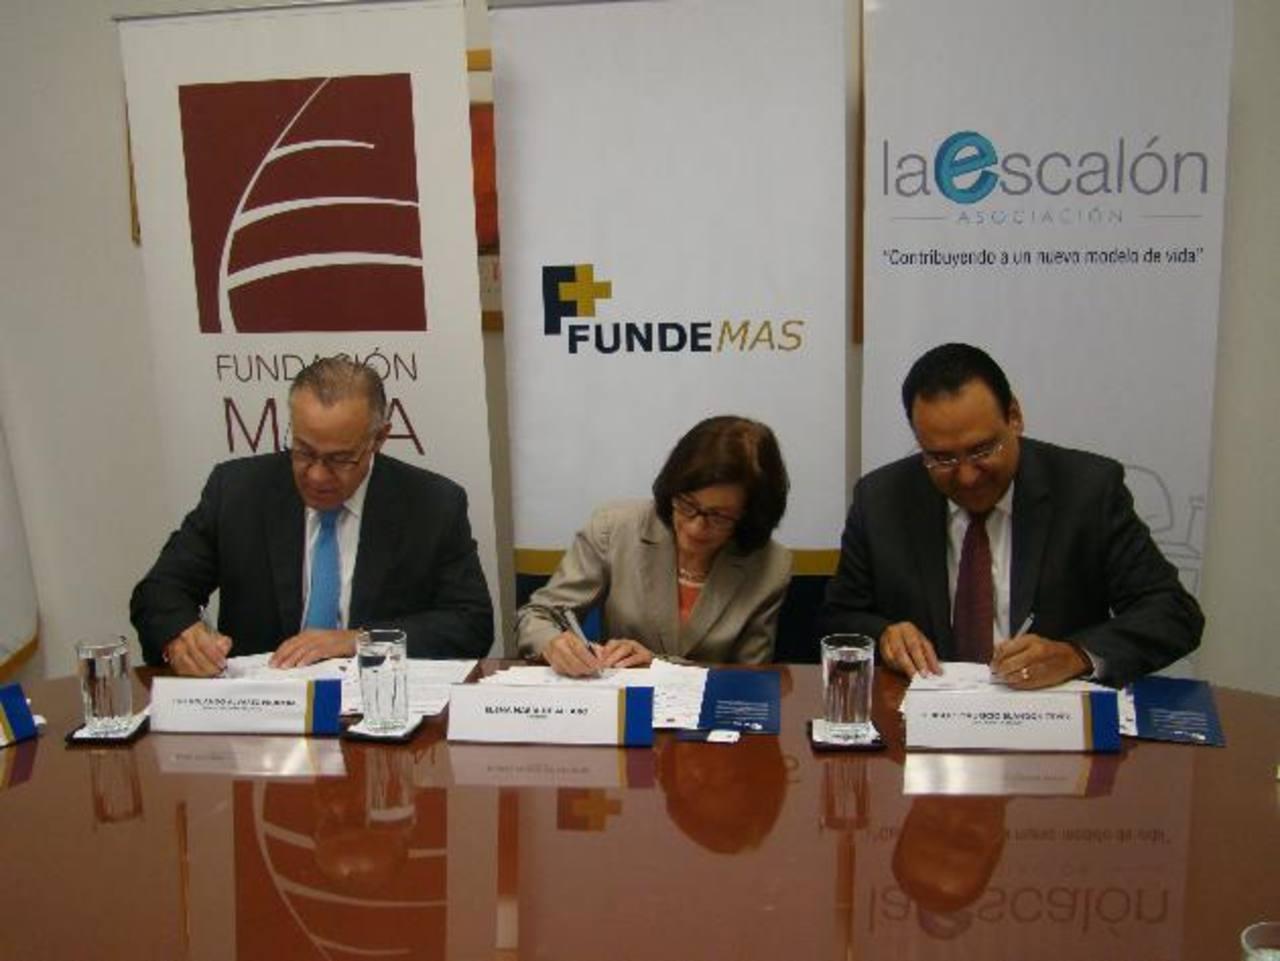 Luis Álvarez, de Fundación Meza Ayau; Elena Alfaro, de Fundemas, y Herbert Blandón, de Asociación La Escalón.